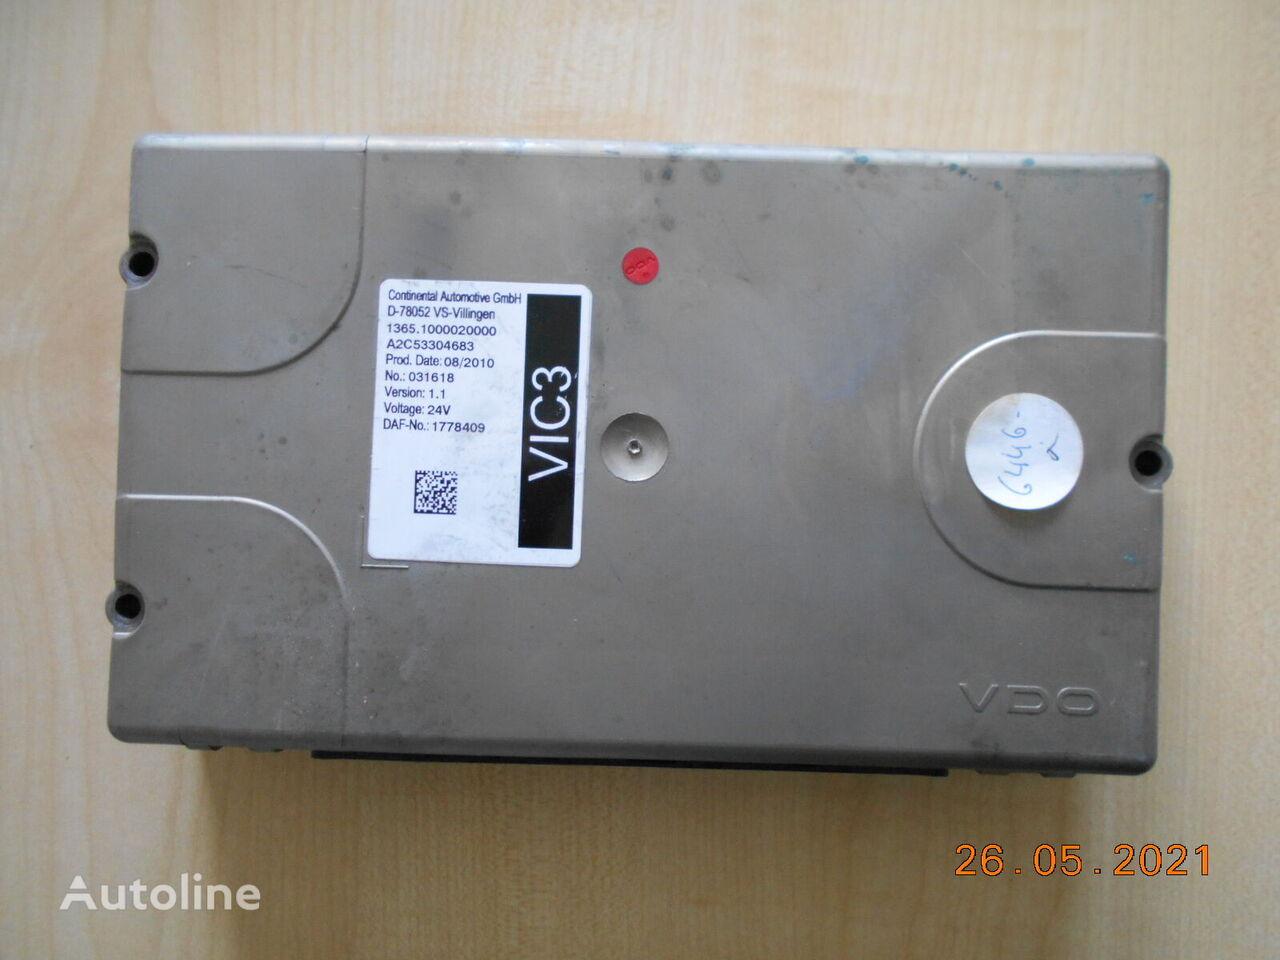 DAF STEROWNIK VIC 3 1.1 unidad de control para DAF XF 105 tractora